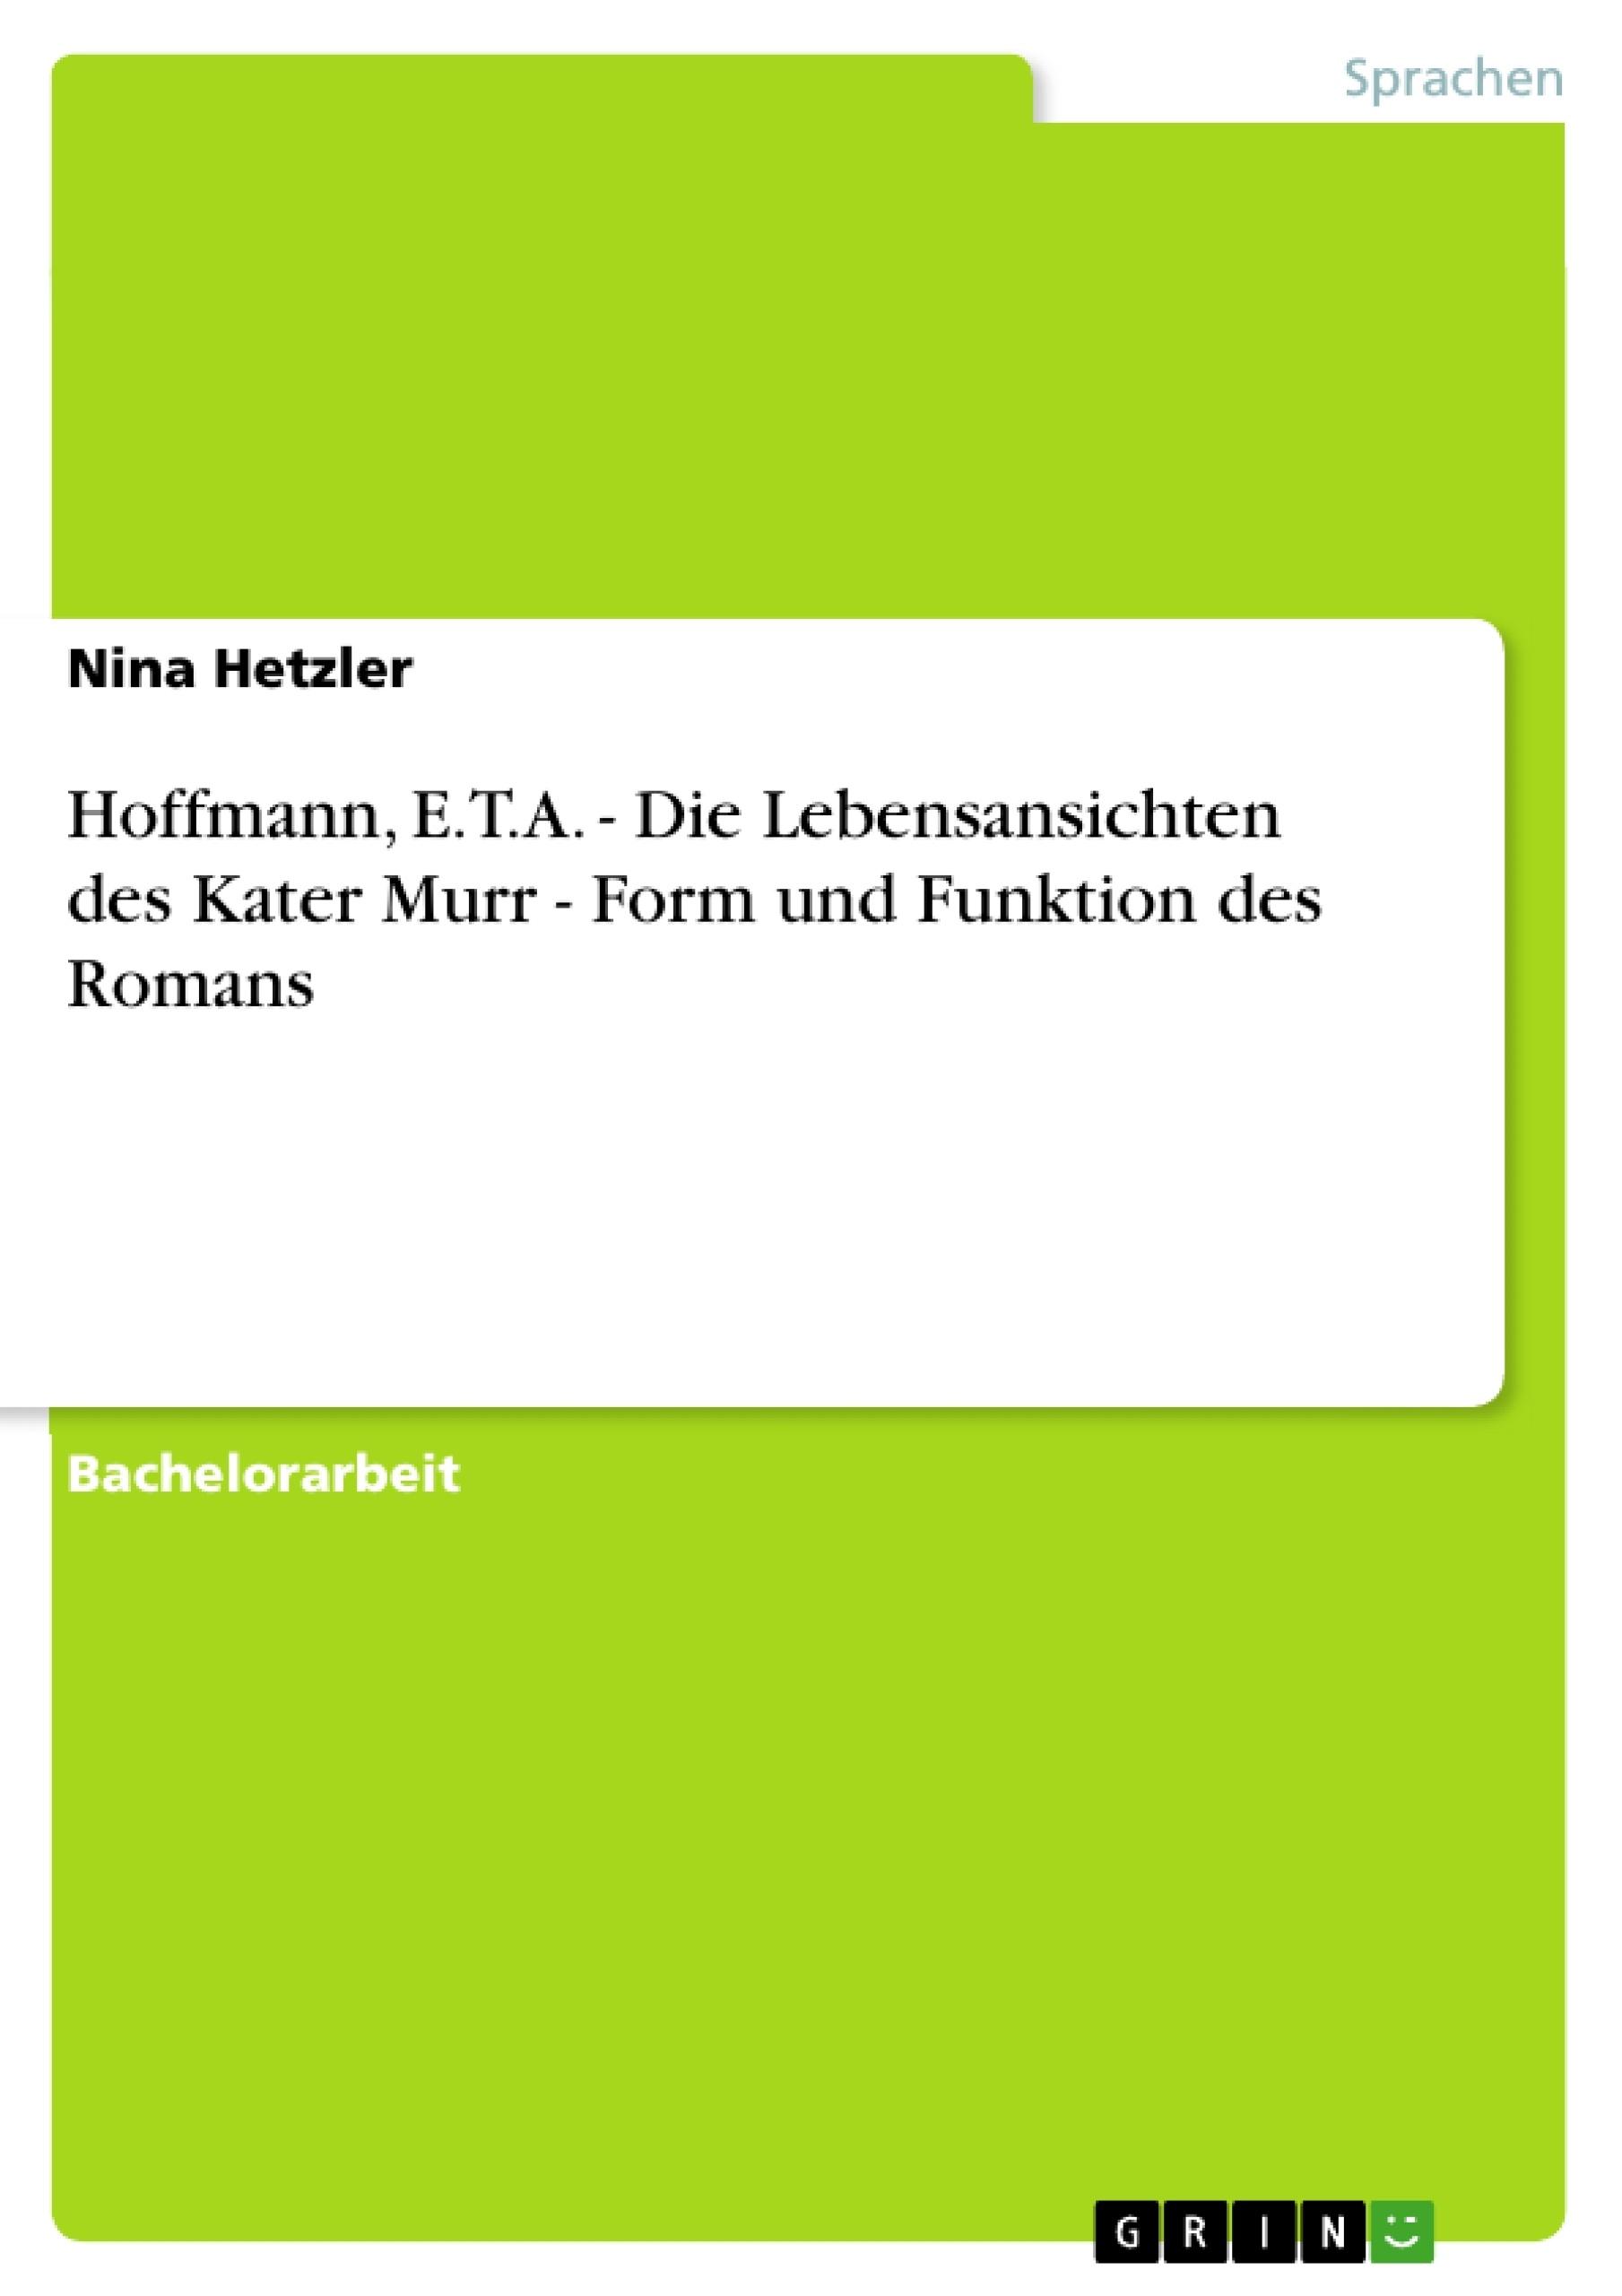 Titel: Hoffmann, E.T.A. - Die Lebensansichten des Kater Murr - Form und Funktion des Romans